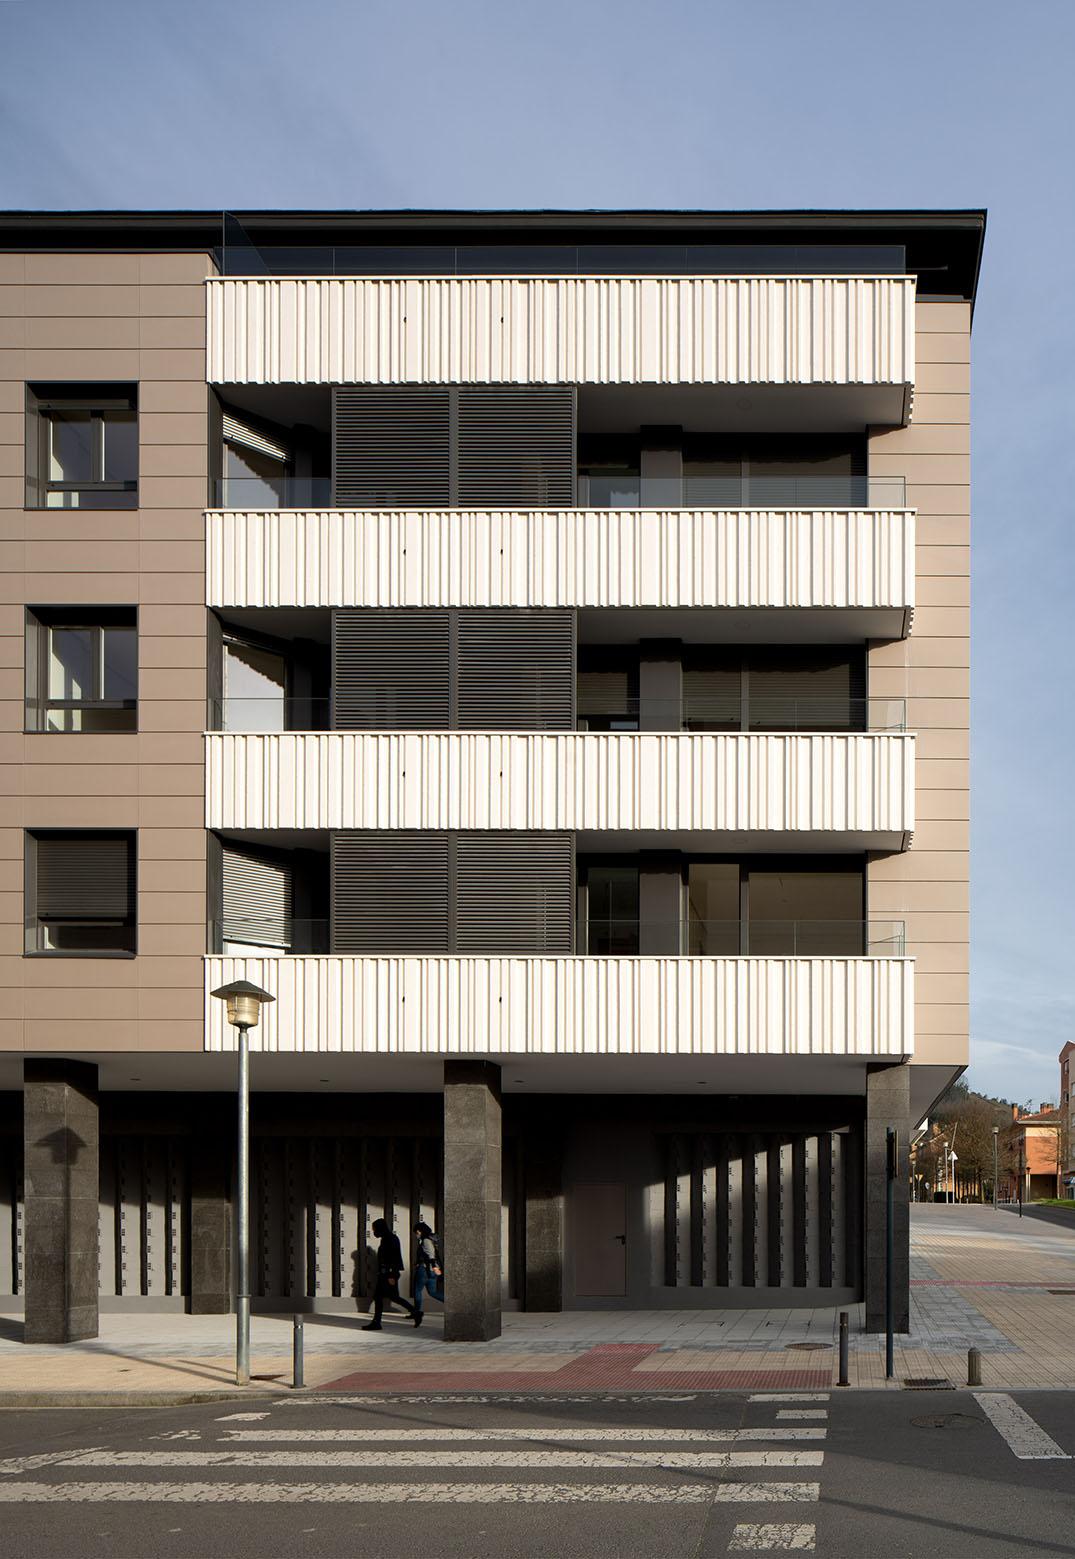 Fotógrafo de Arquitectura - Bloque de viviendas en Gernika